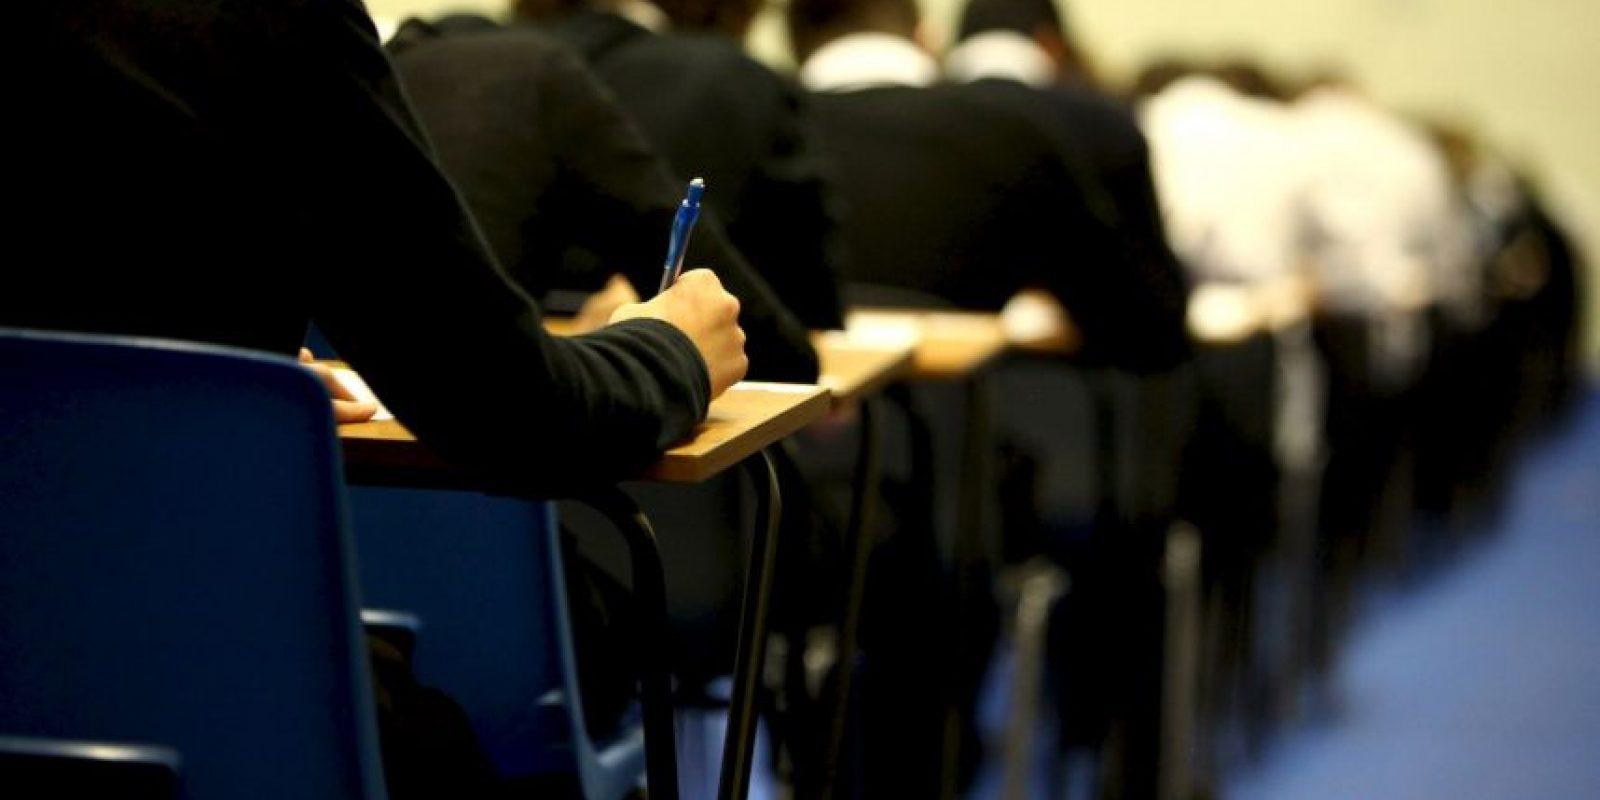 """""""La seguridad de los estudiantes es nuestra mayor prioridad, pero bajo la ley estatal y la política de la junta, no podemos revelar detalles respecto a la investigación de uno de nuestros empleados"""", mencionó la portavoz de la escuela, Susan Davis. Foto:Getty Images"""